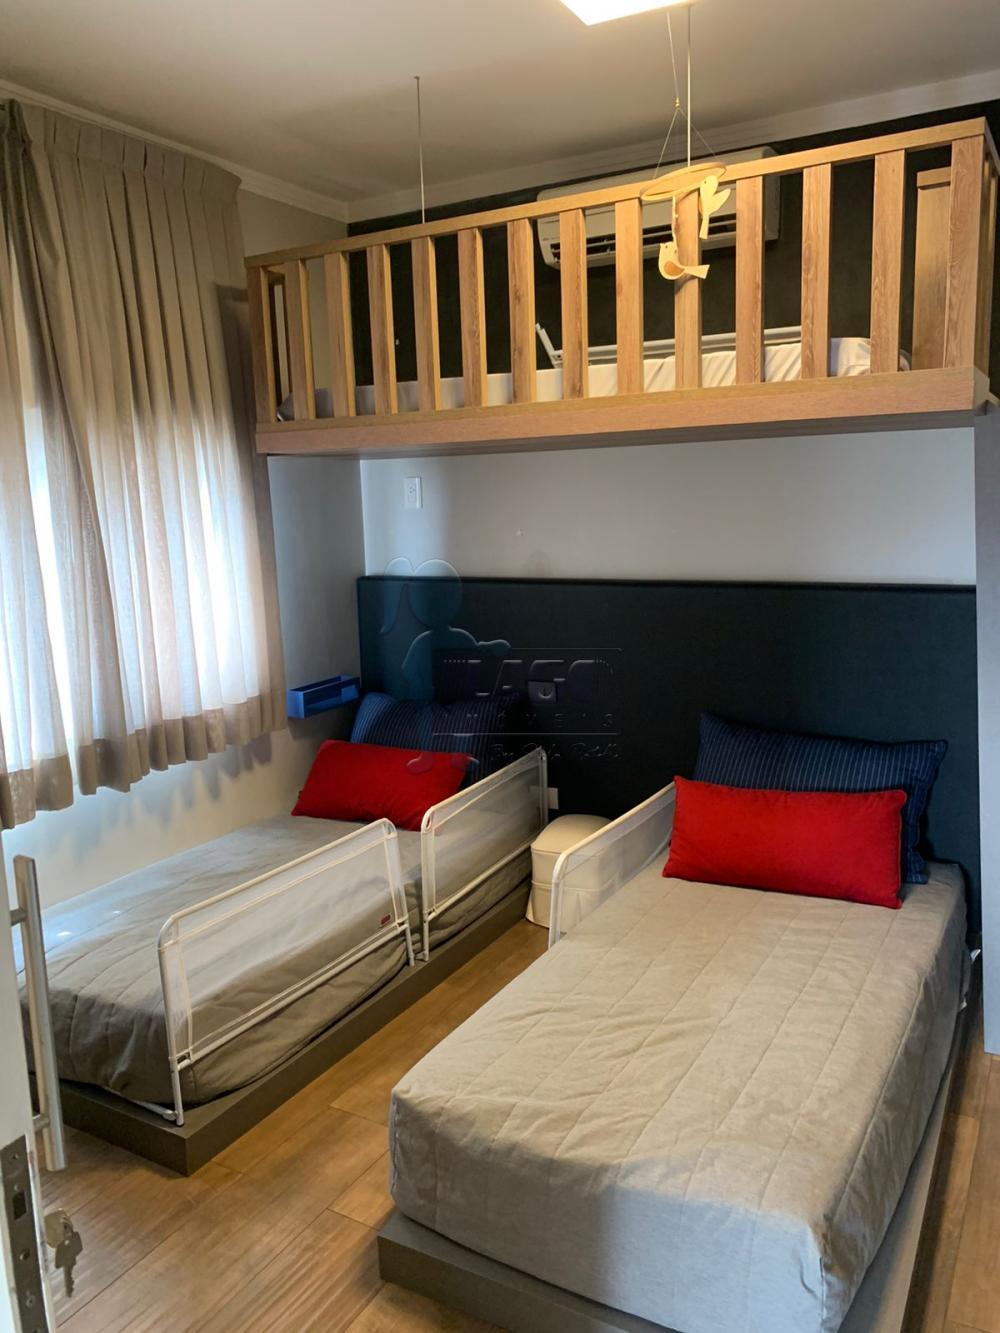 Comprar Casas / Condomínio em Bonfim Paulista R$ 1.555.000,00 - Foto 25